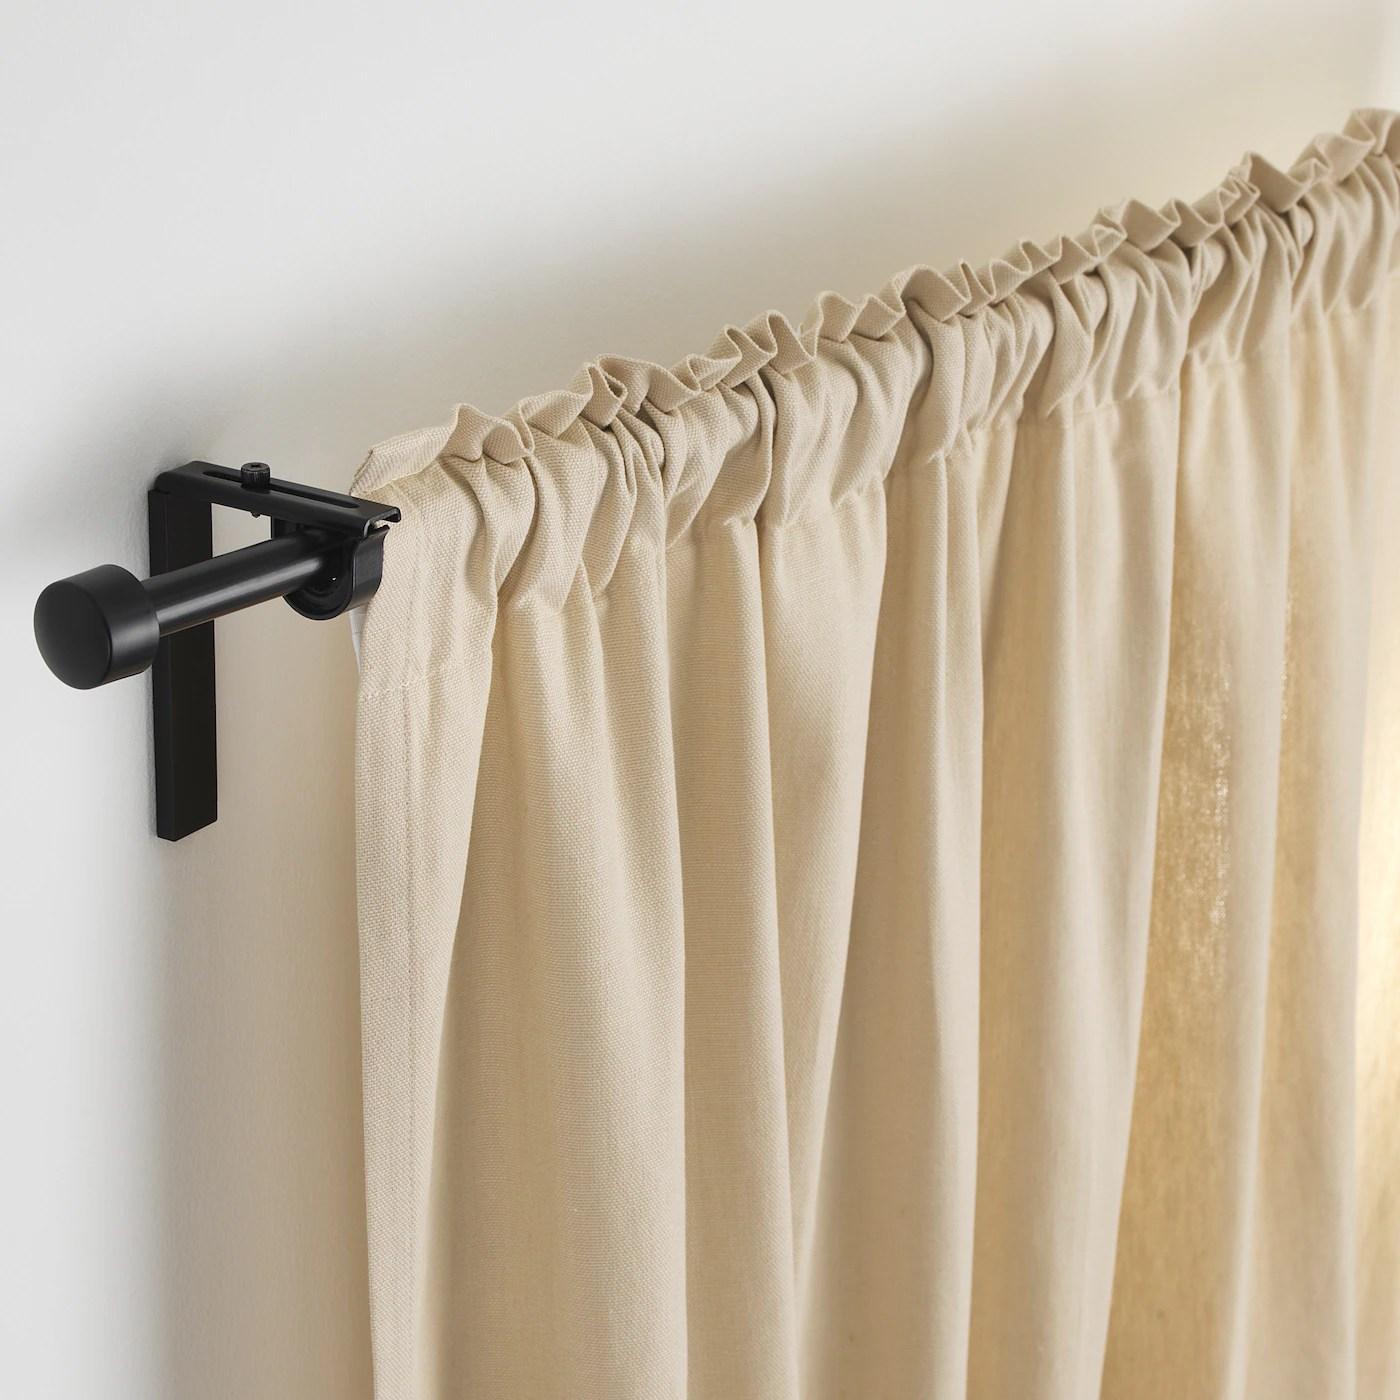 racka curtain rod black 70 120 cm